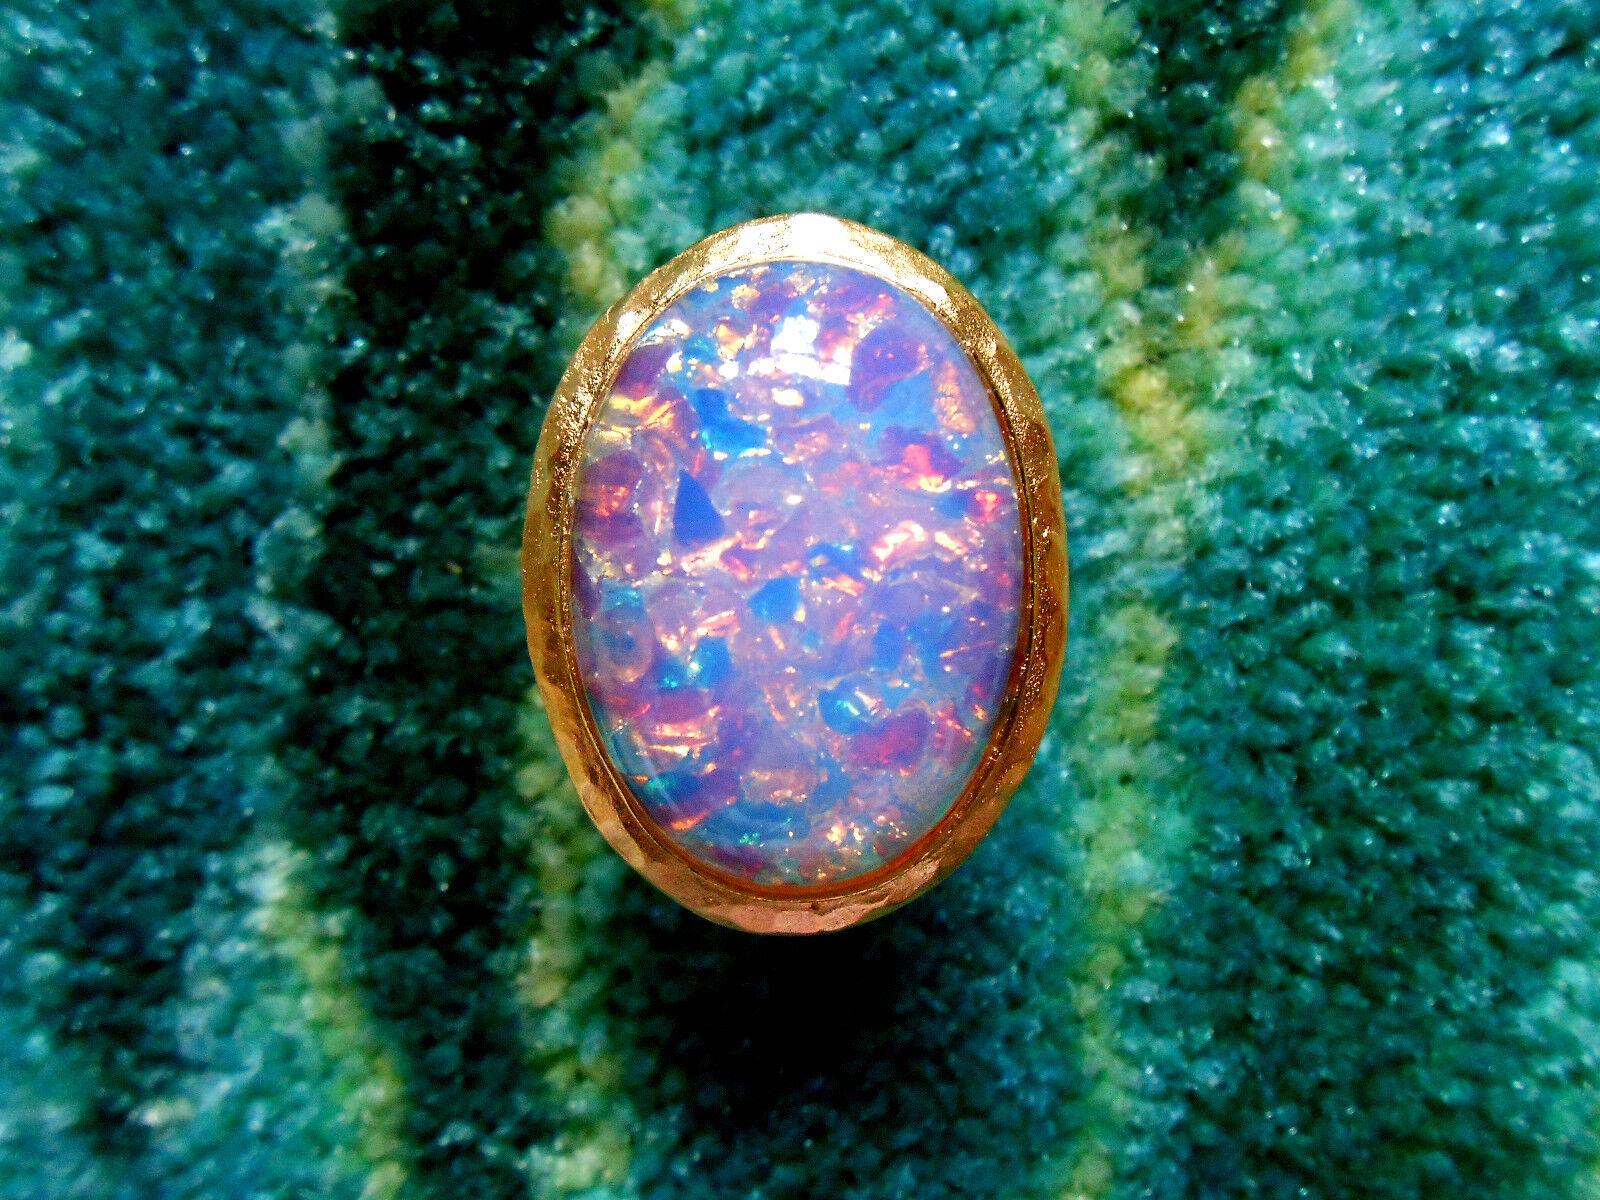 Kenneth Jay Lane Hammered Satin gold Pink Resin Opal Adjustable Ring 5 - 9